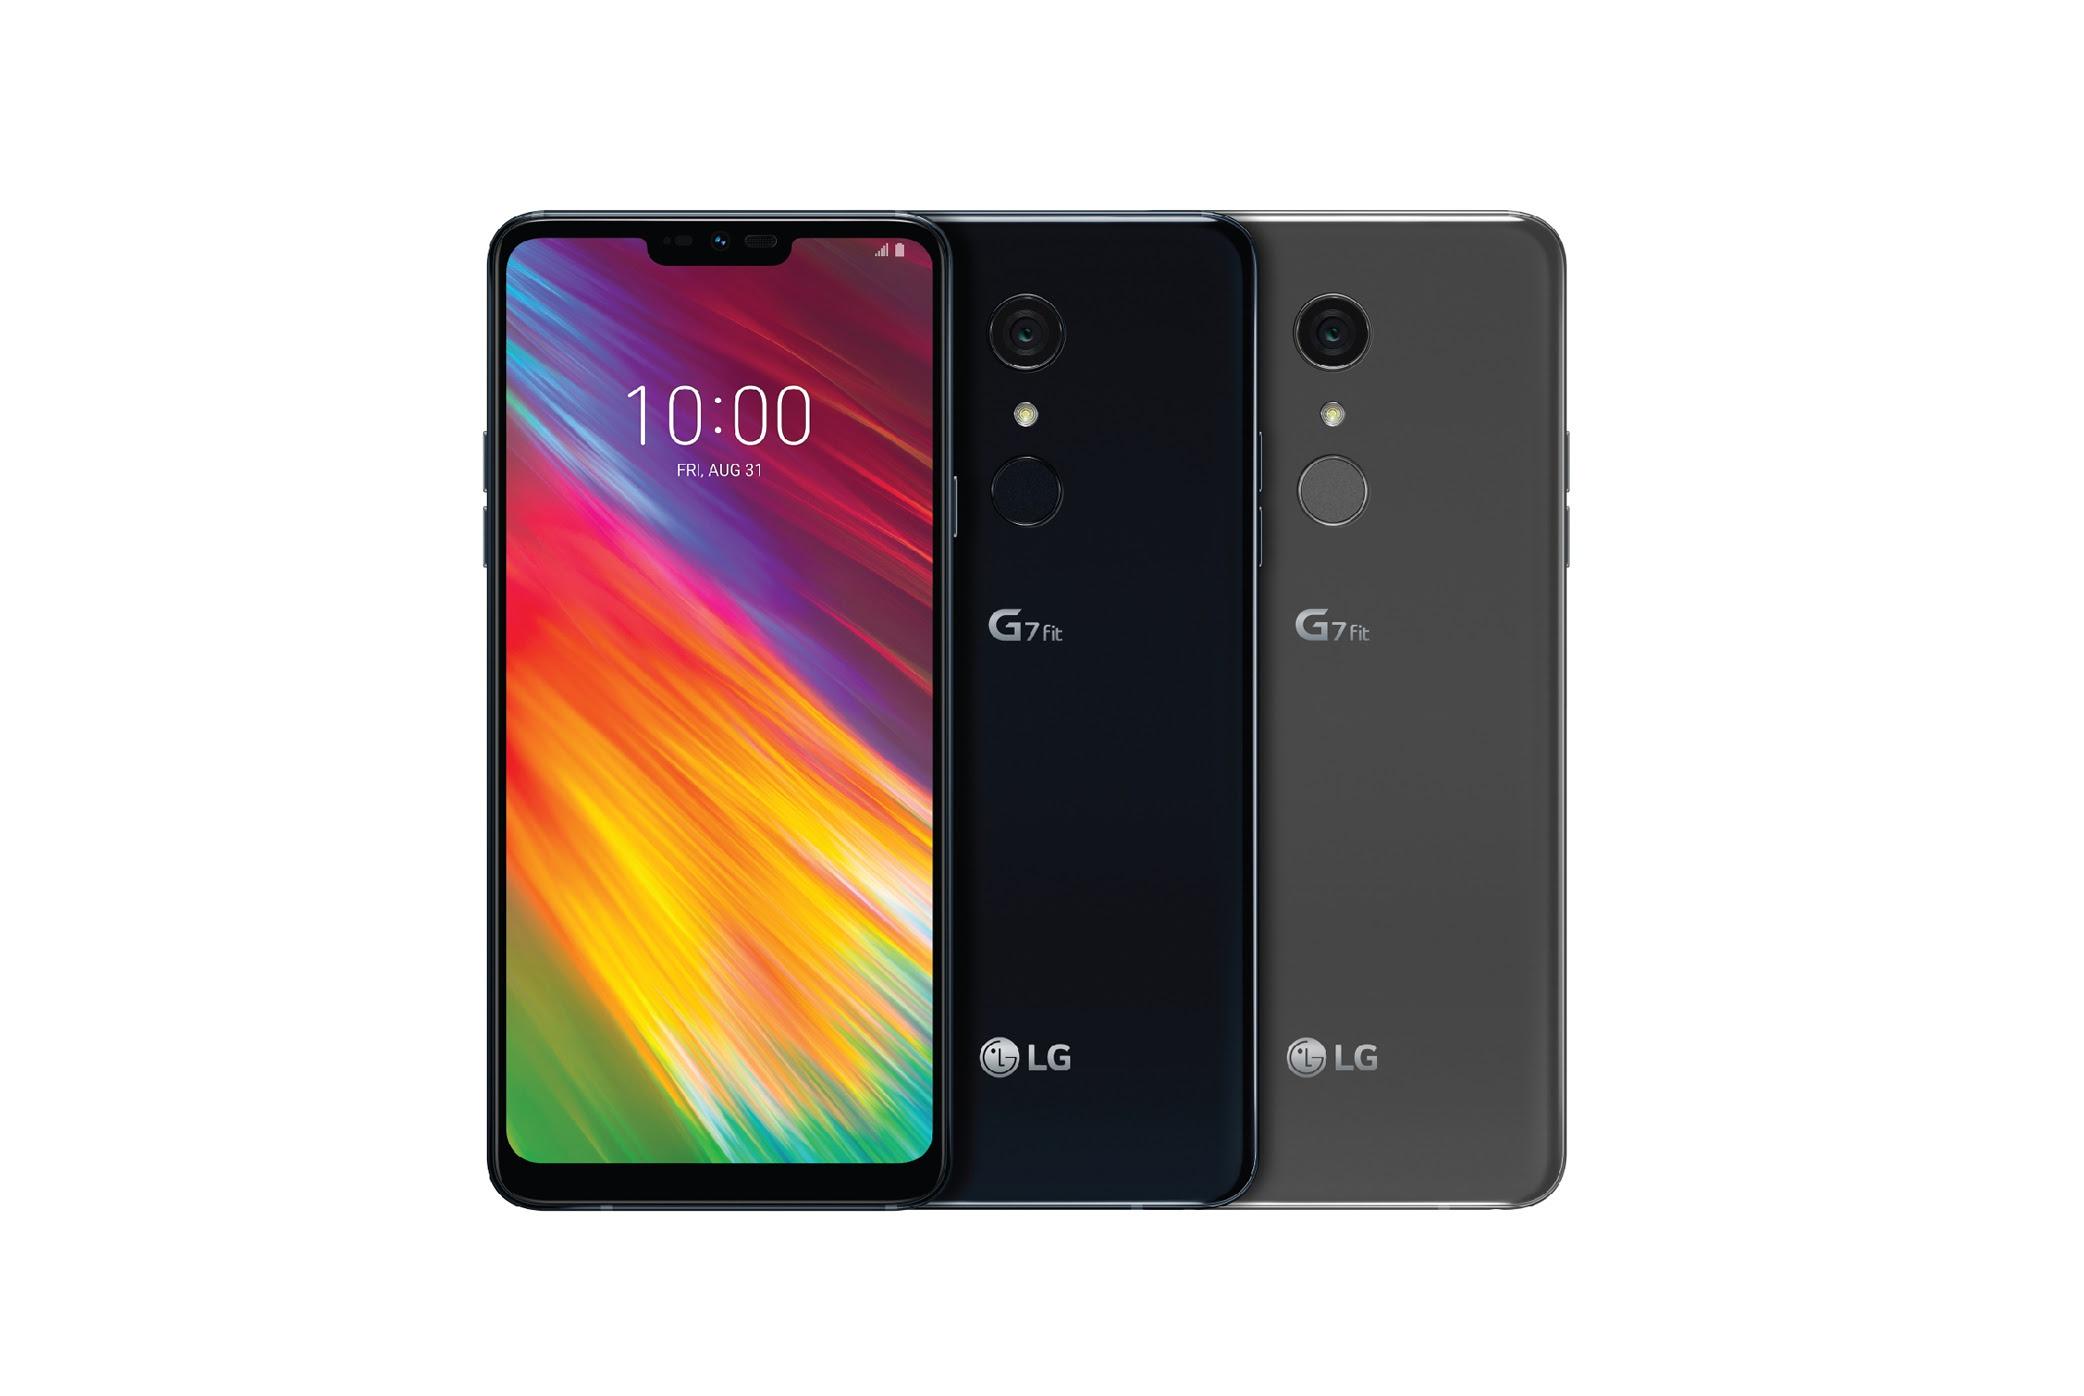 Tiedote: LG G7 Fit tuo G-sarjan suosittuja ominaisuuksia entistä laajemman yleisön saataville